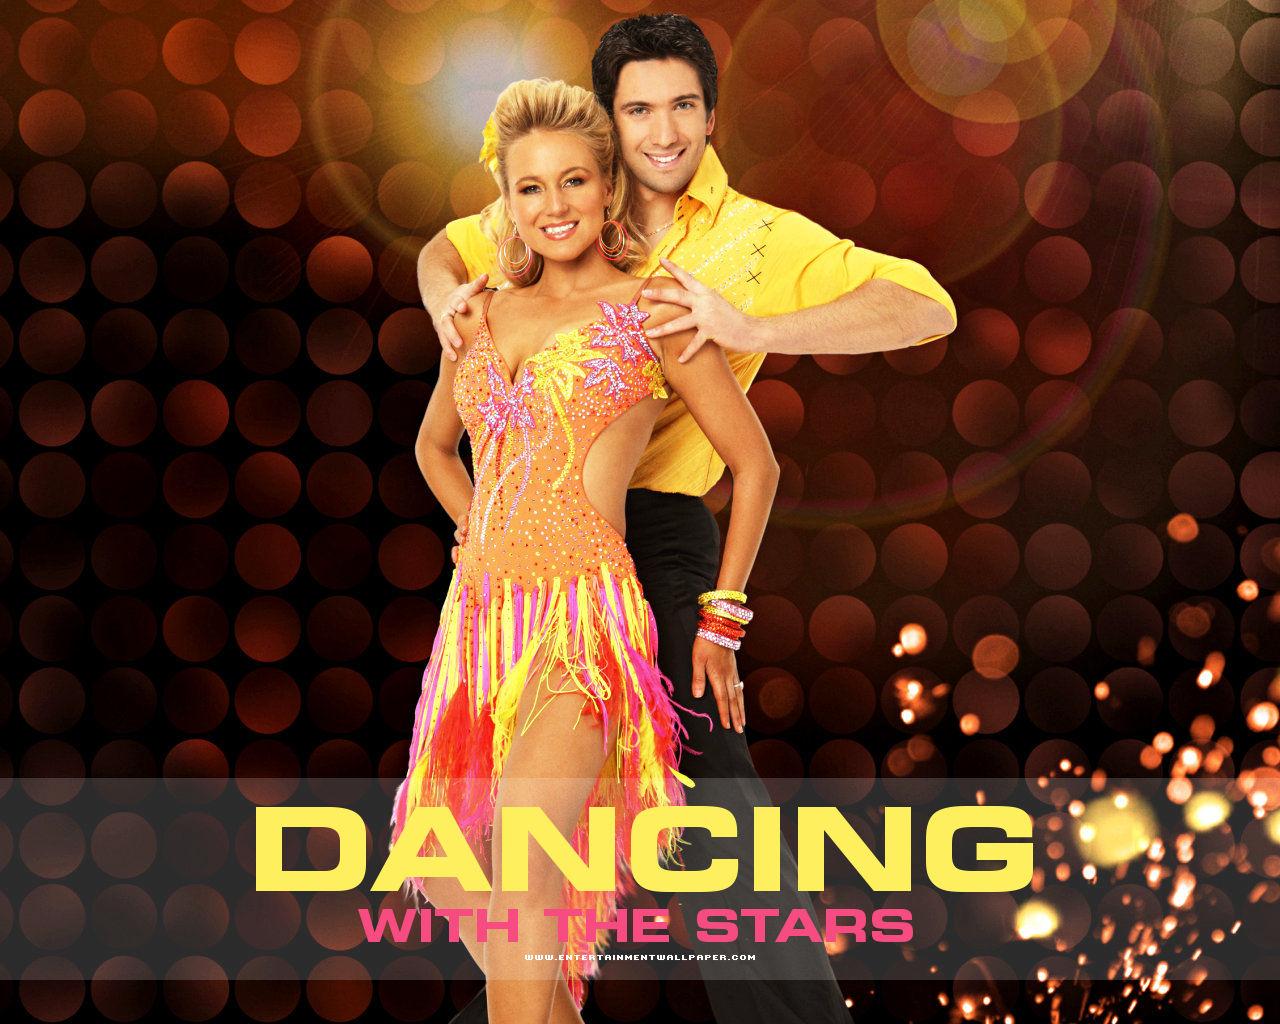 Танцы со звездами фото 29 фотография